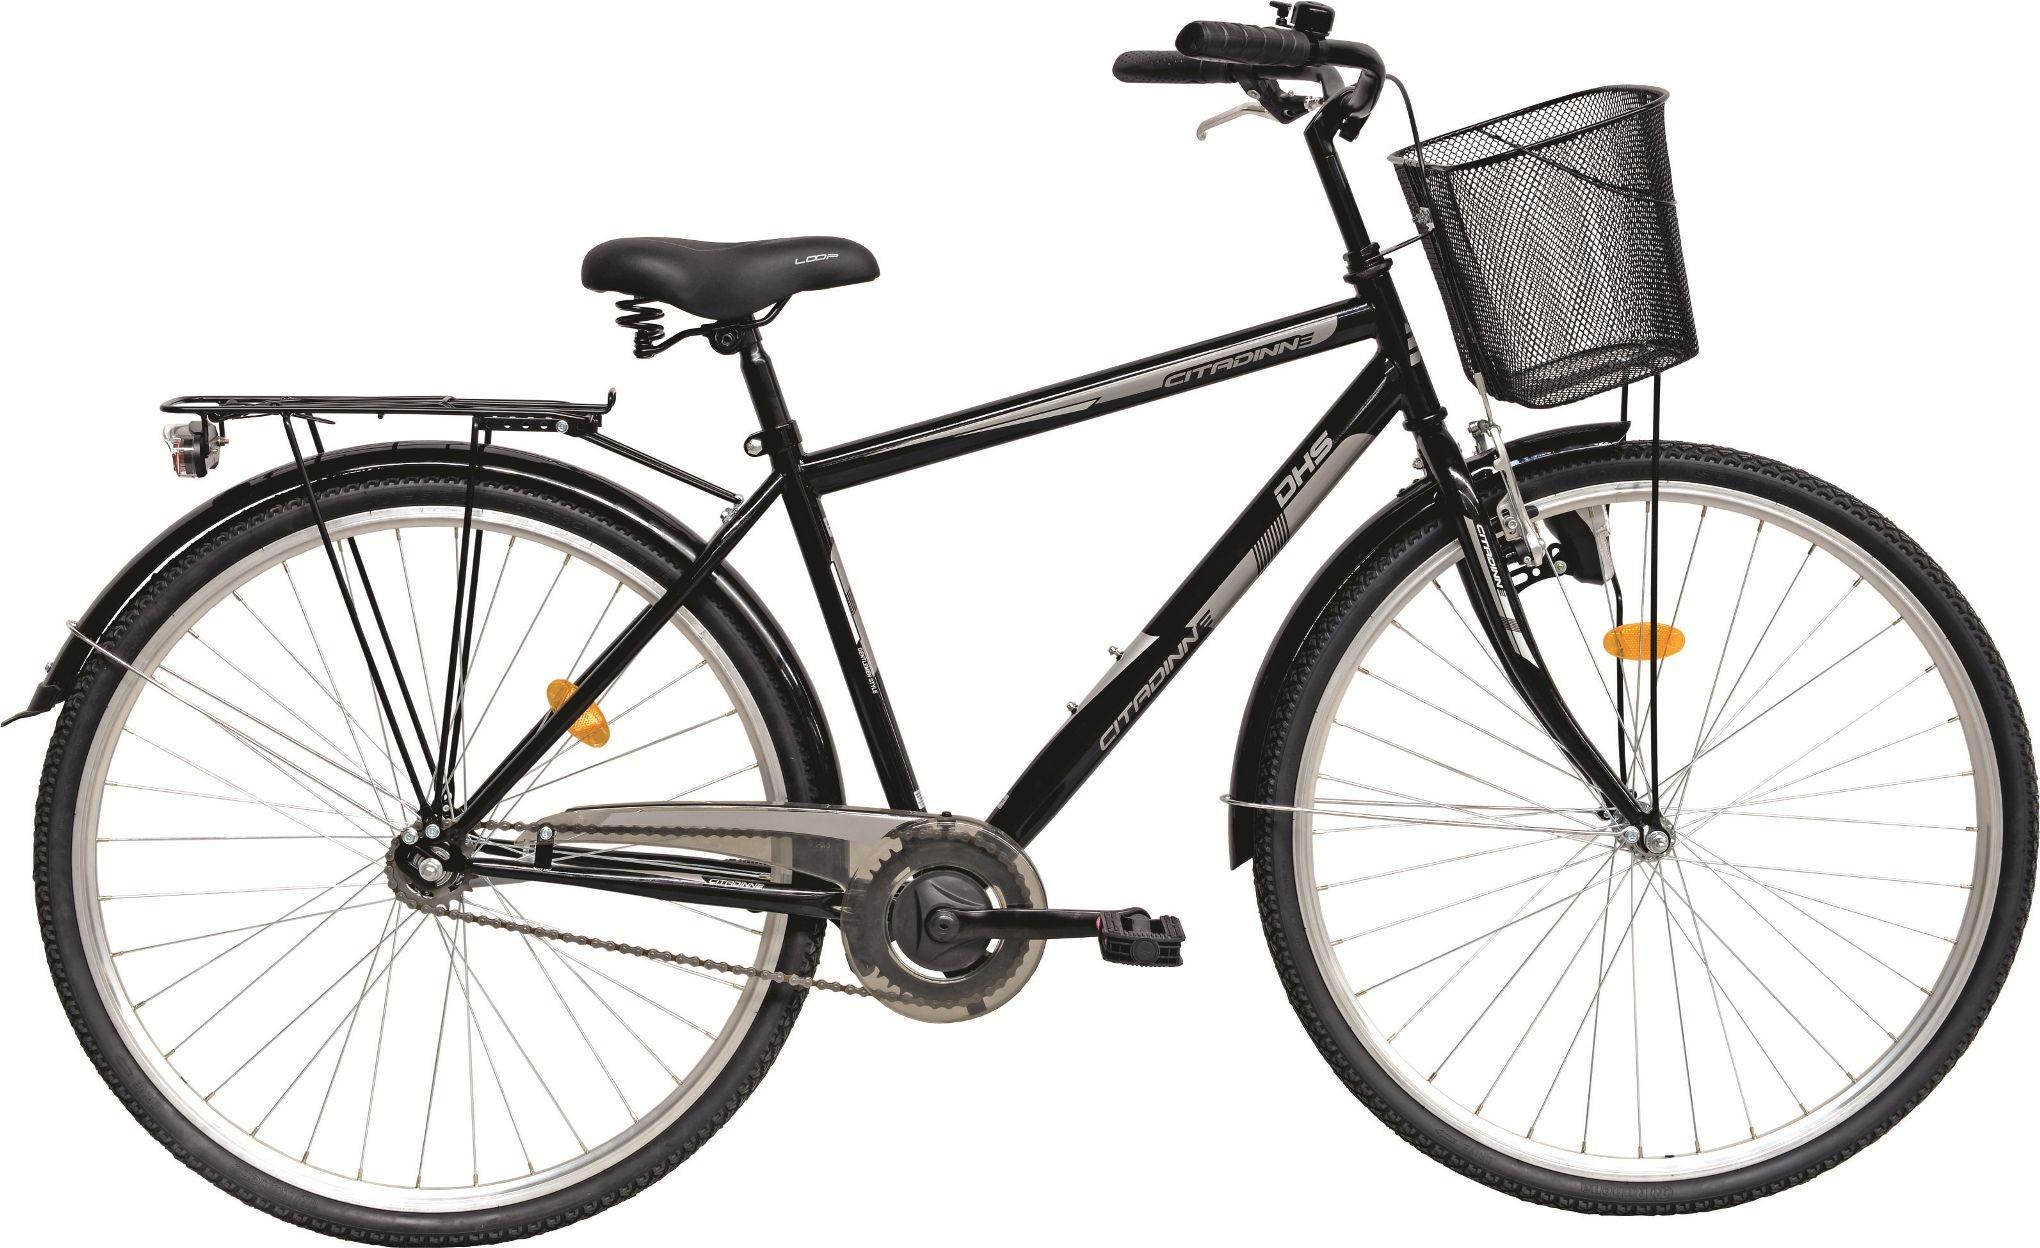 Bicicleta Oras, Dhs, Citadinne 2831 (2016), Negru, Jante 28 Inch